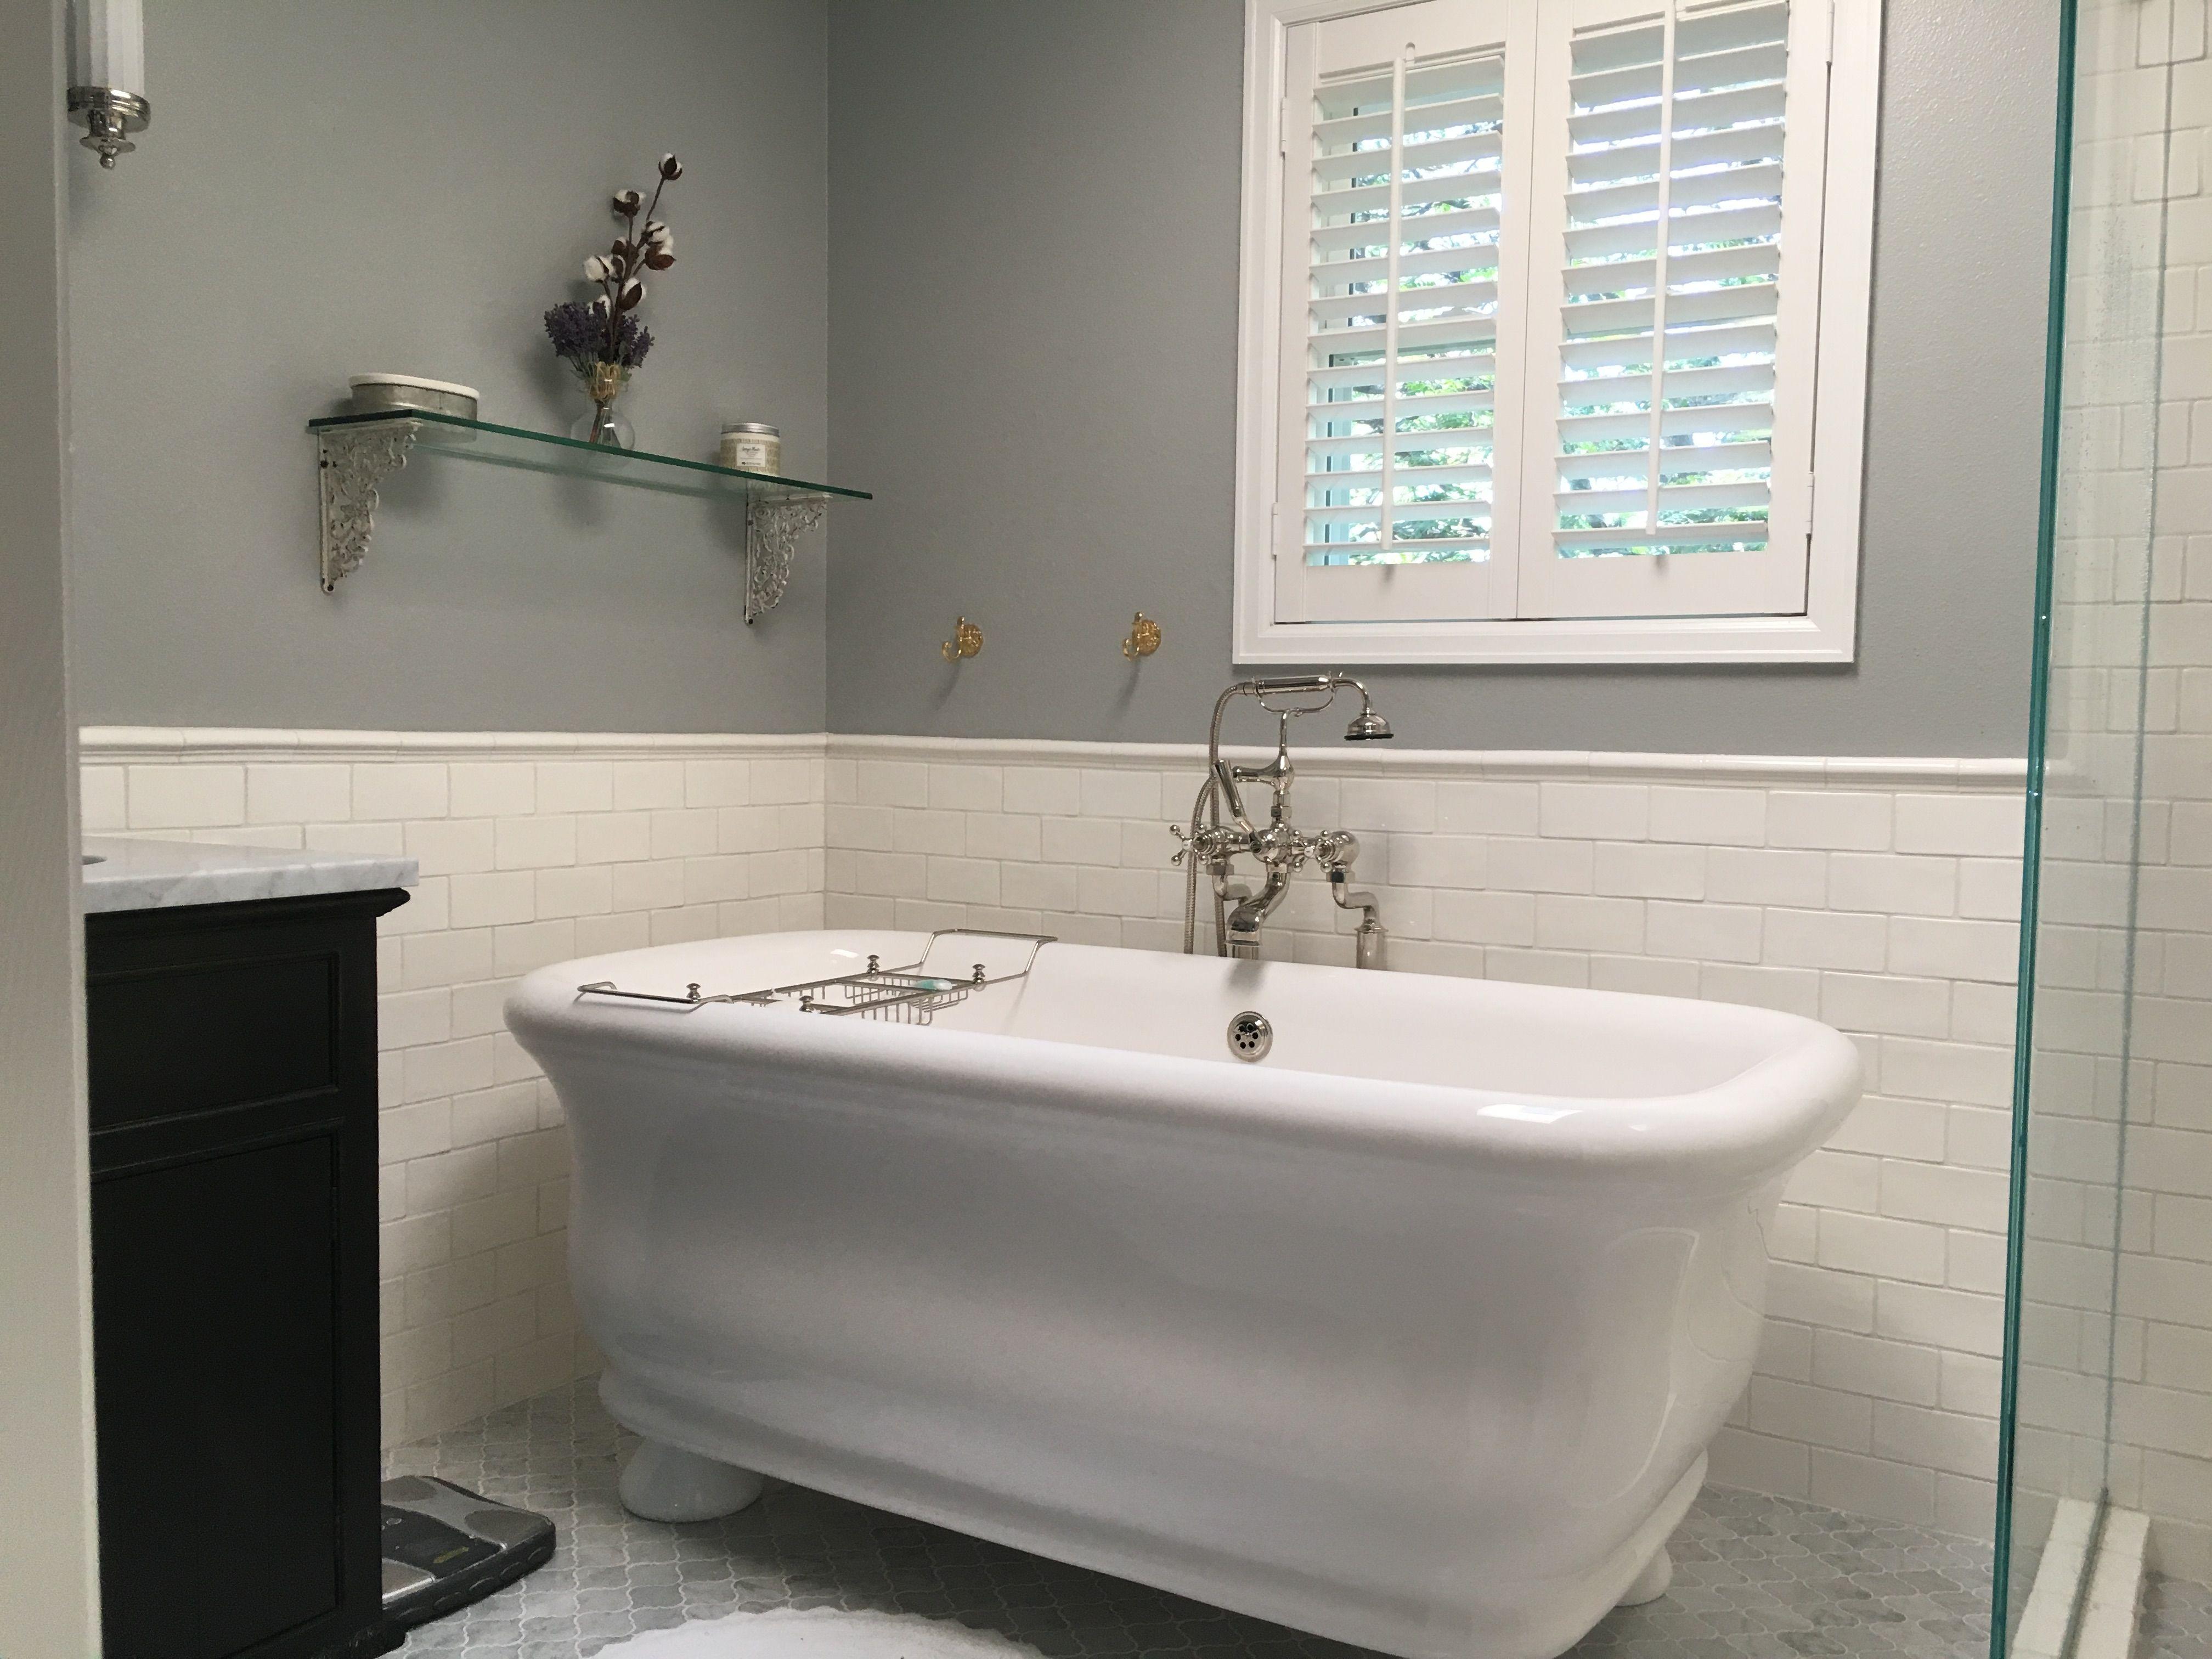 My Bath Tub From Water Monopoly Love With Images Bathtub Clawfoot Bathtub Bathroom